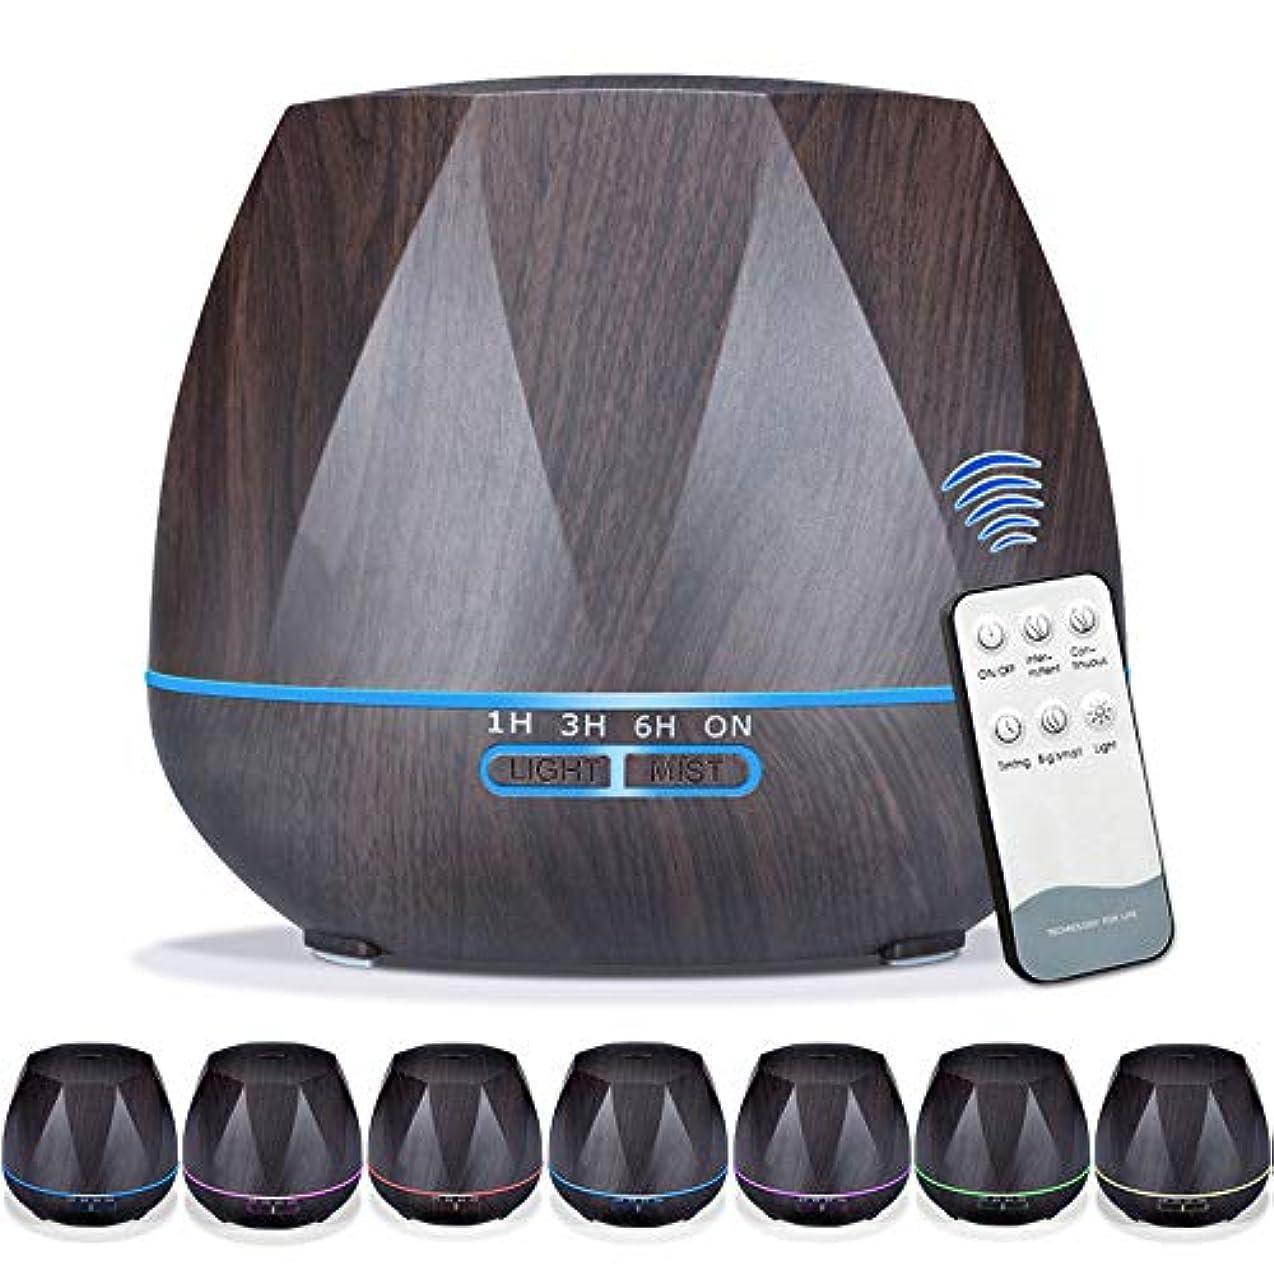 先生けがをする不確実550mlエッセンシャルオイルディフューザー5に1アロマセラピー超音波クールミスト加湿器ルーム空気香りホームオフィスギフト用,EUplug